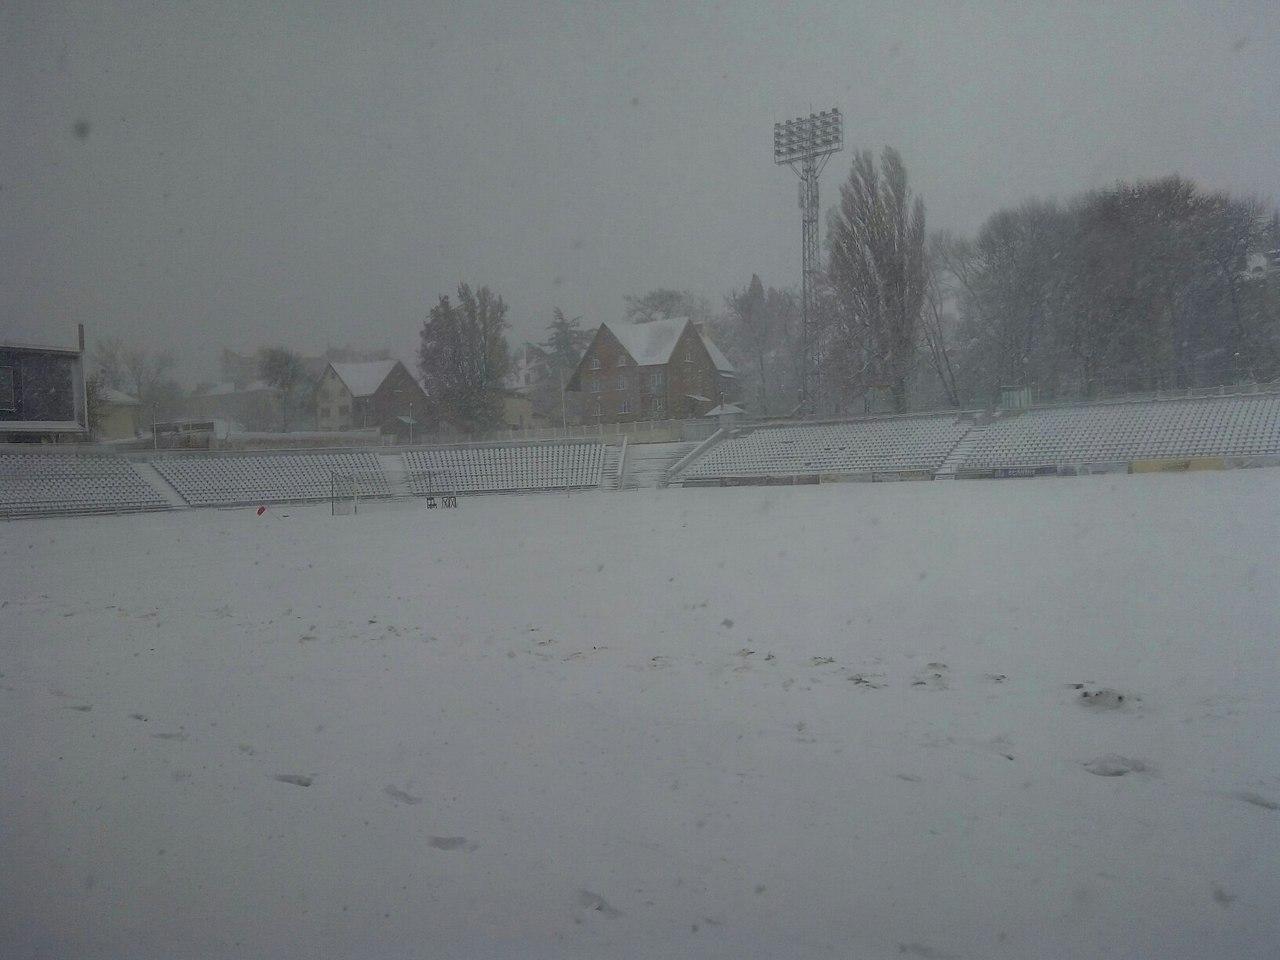 Чотири матчі Другої ліги і гра Буковина - Тернопіль скасовані через снігопади (оновлено) - изображение 2